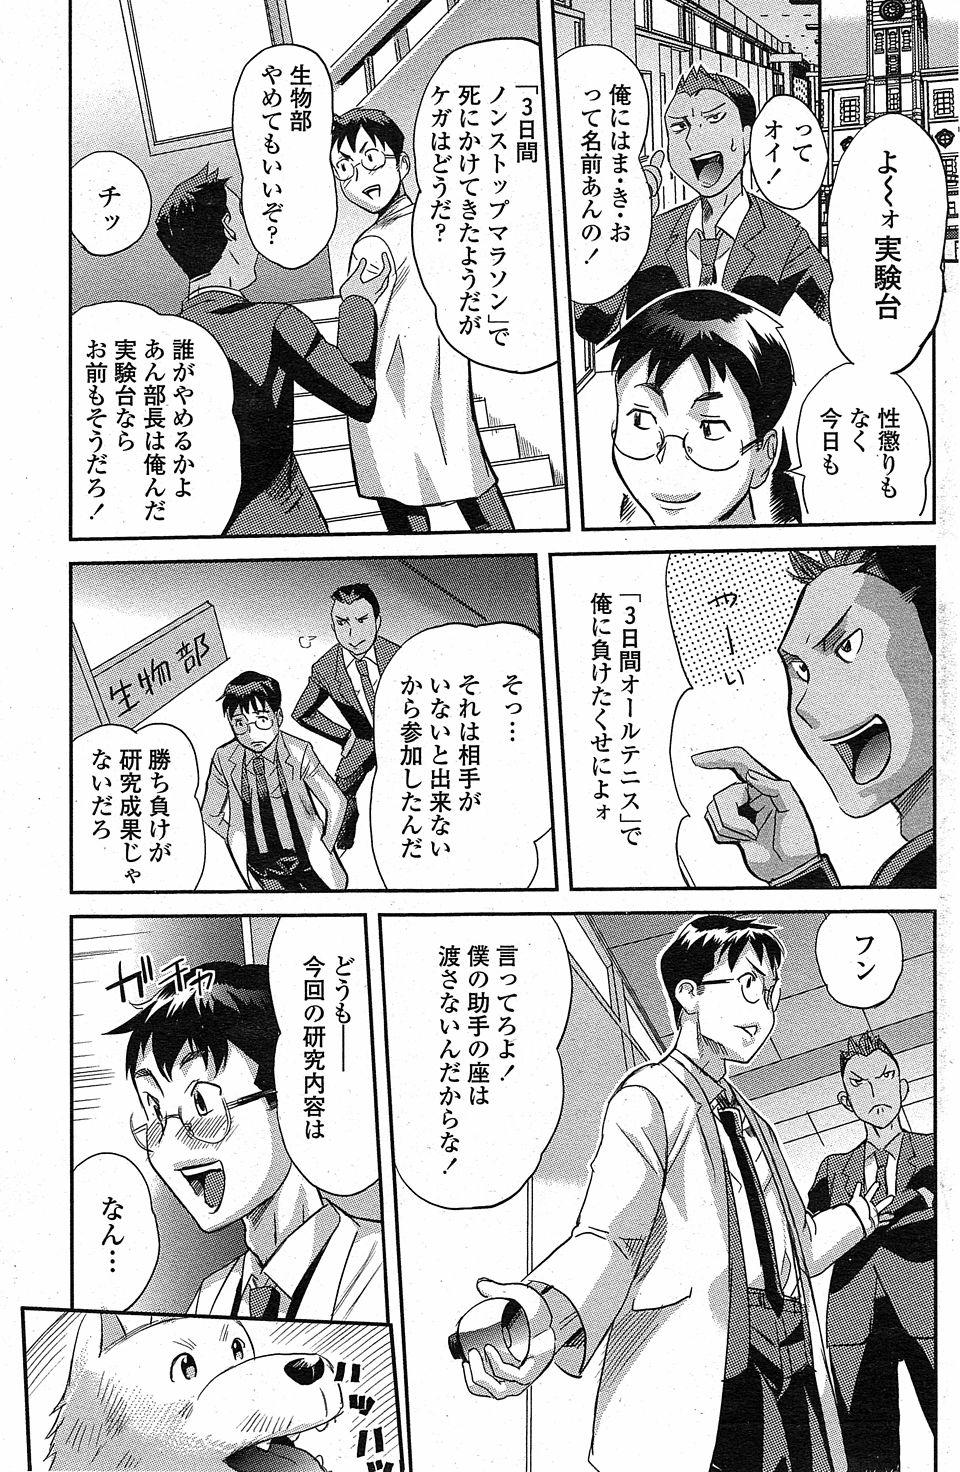 [みつや] 小倉あんとHな生物部 (1)